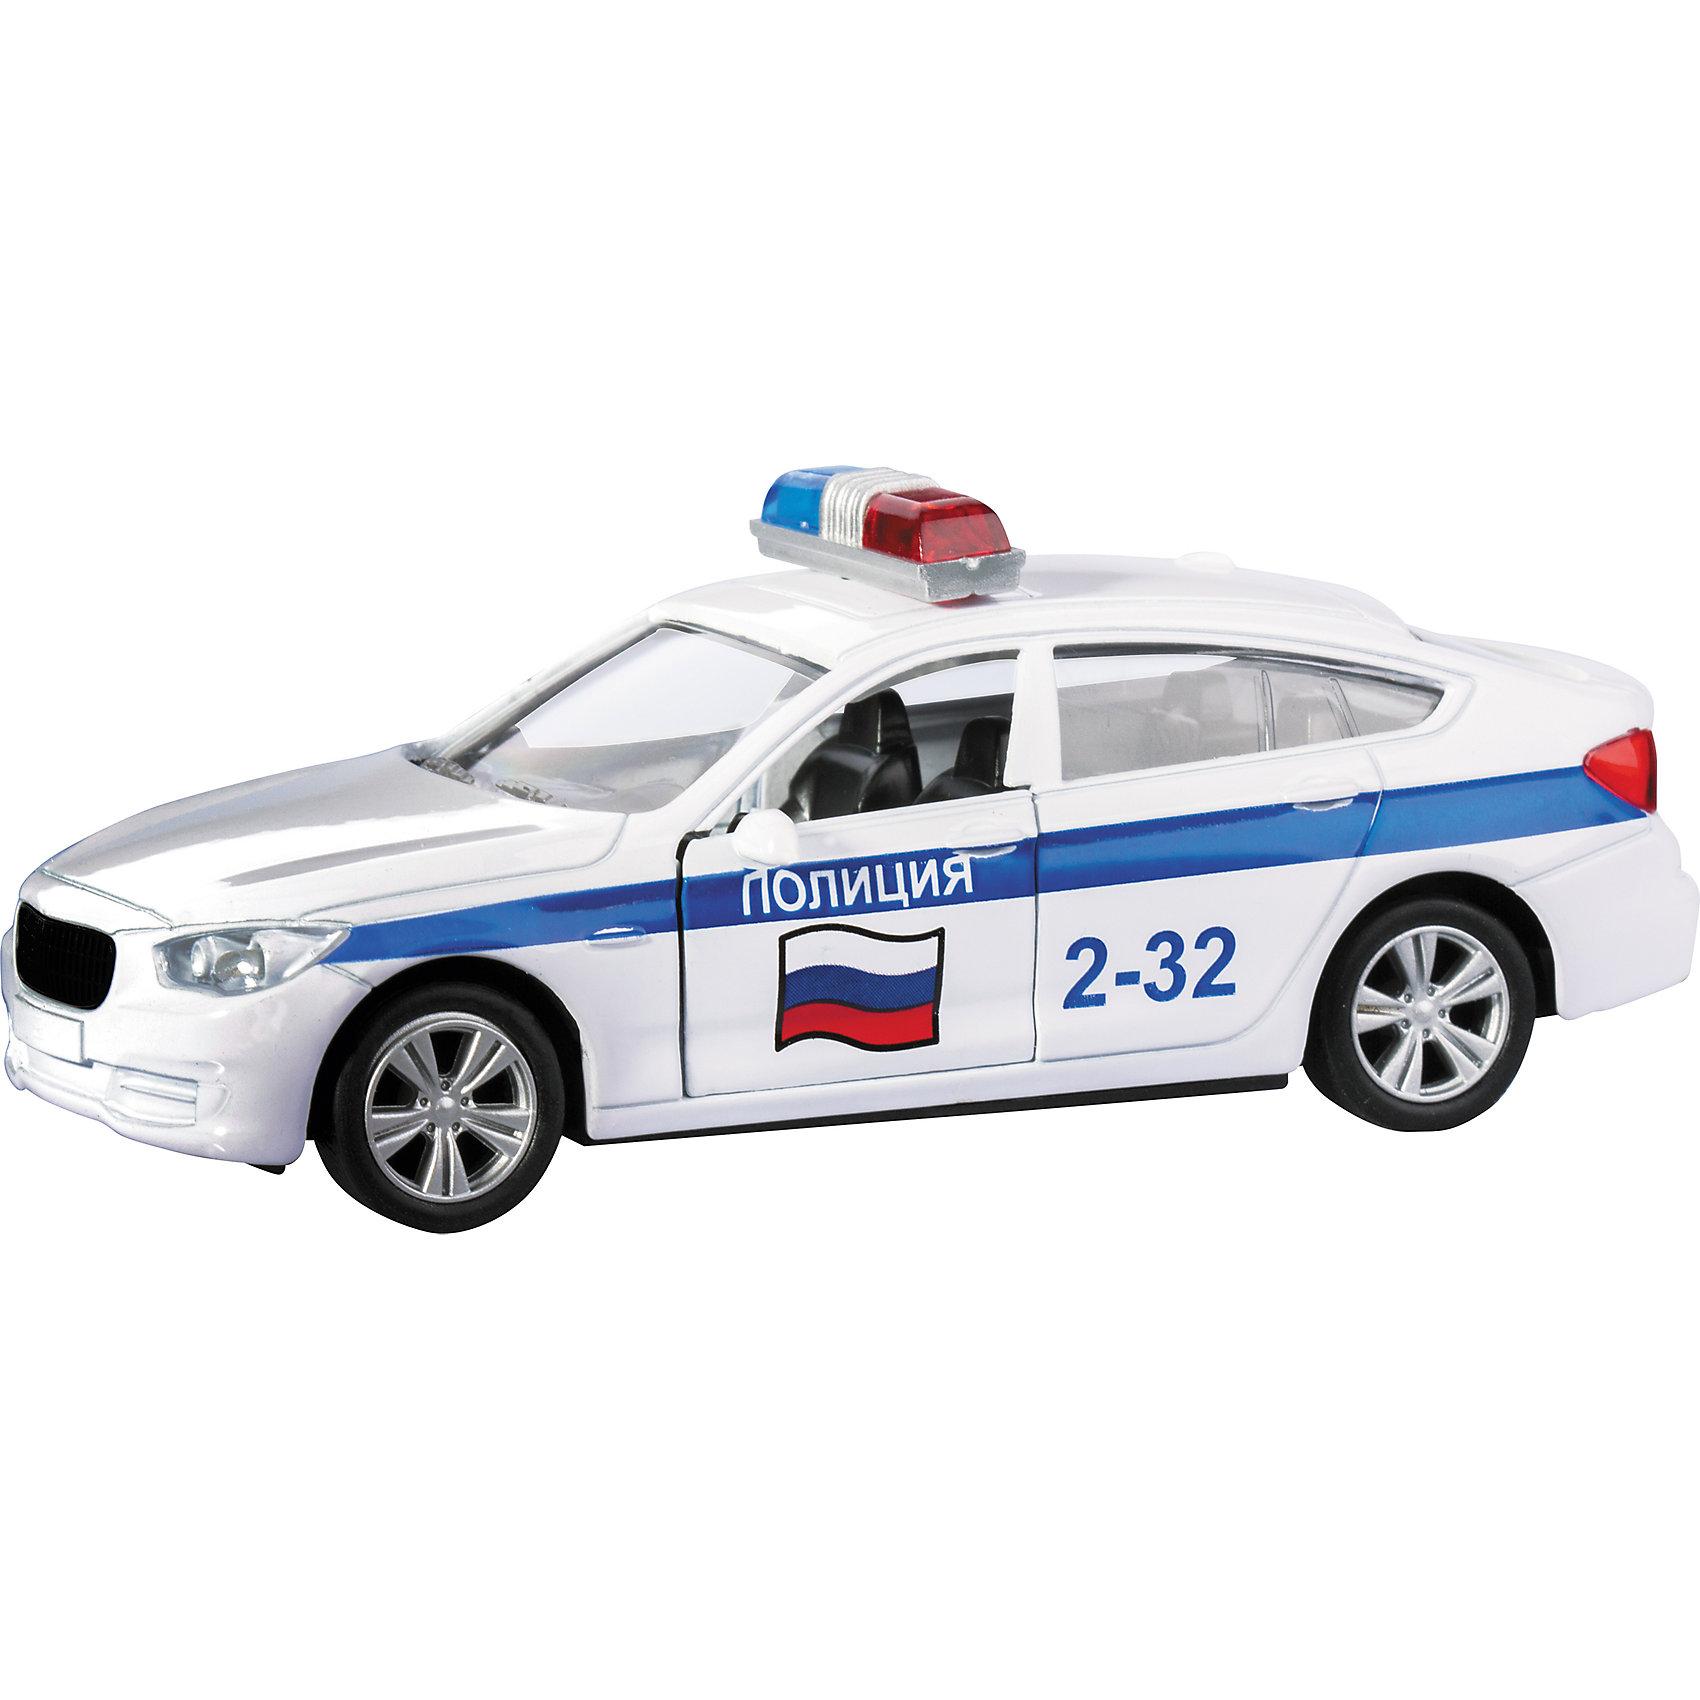 Машина BAVARIA GRAN TURISMO, полиция, 1:36Машина BAVARIA GRAN TURISMO, полиция, - коллекционная модель, являющая копией настоящего автомобиля, сделанной в масштабе 1:36. Машинка станет прекрасным подарком всем юным автолюбителям и займет достойное место в любой коллекции автомобилей. Игрушка имеет инерционный механизм и открывающиеся двери, выполнена из высококачественных прочных безопасных материалов. <br><br>Дополнительная информация:<br><br>- Материал: пластик, металл.<br>- Масштаб: 1:36.<br>- Колеса подвижные.<br>- Двери открываются.<br>- Инерционный механизм. <br><br>Машину BAVARIA GRAN TURISMO, полиция, 1:36, можно купить в нашем магазине.<br><br>Ширина мм: 137<br>Глубина мм: 57<br>Высота мм: 70<br>Вес г: 146<br>Возраст от месяцев: 36<br>Возраст до месяцев: 84<br>Пол: Мужской<br>Возраст: Детский<br>SKU: 4515353